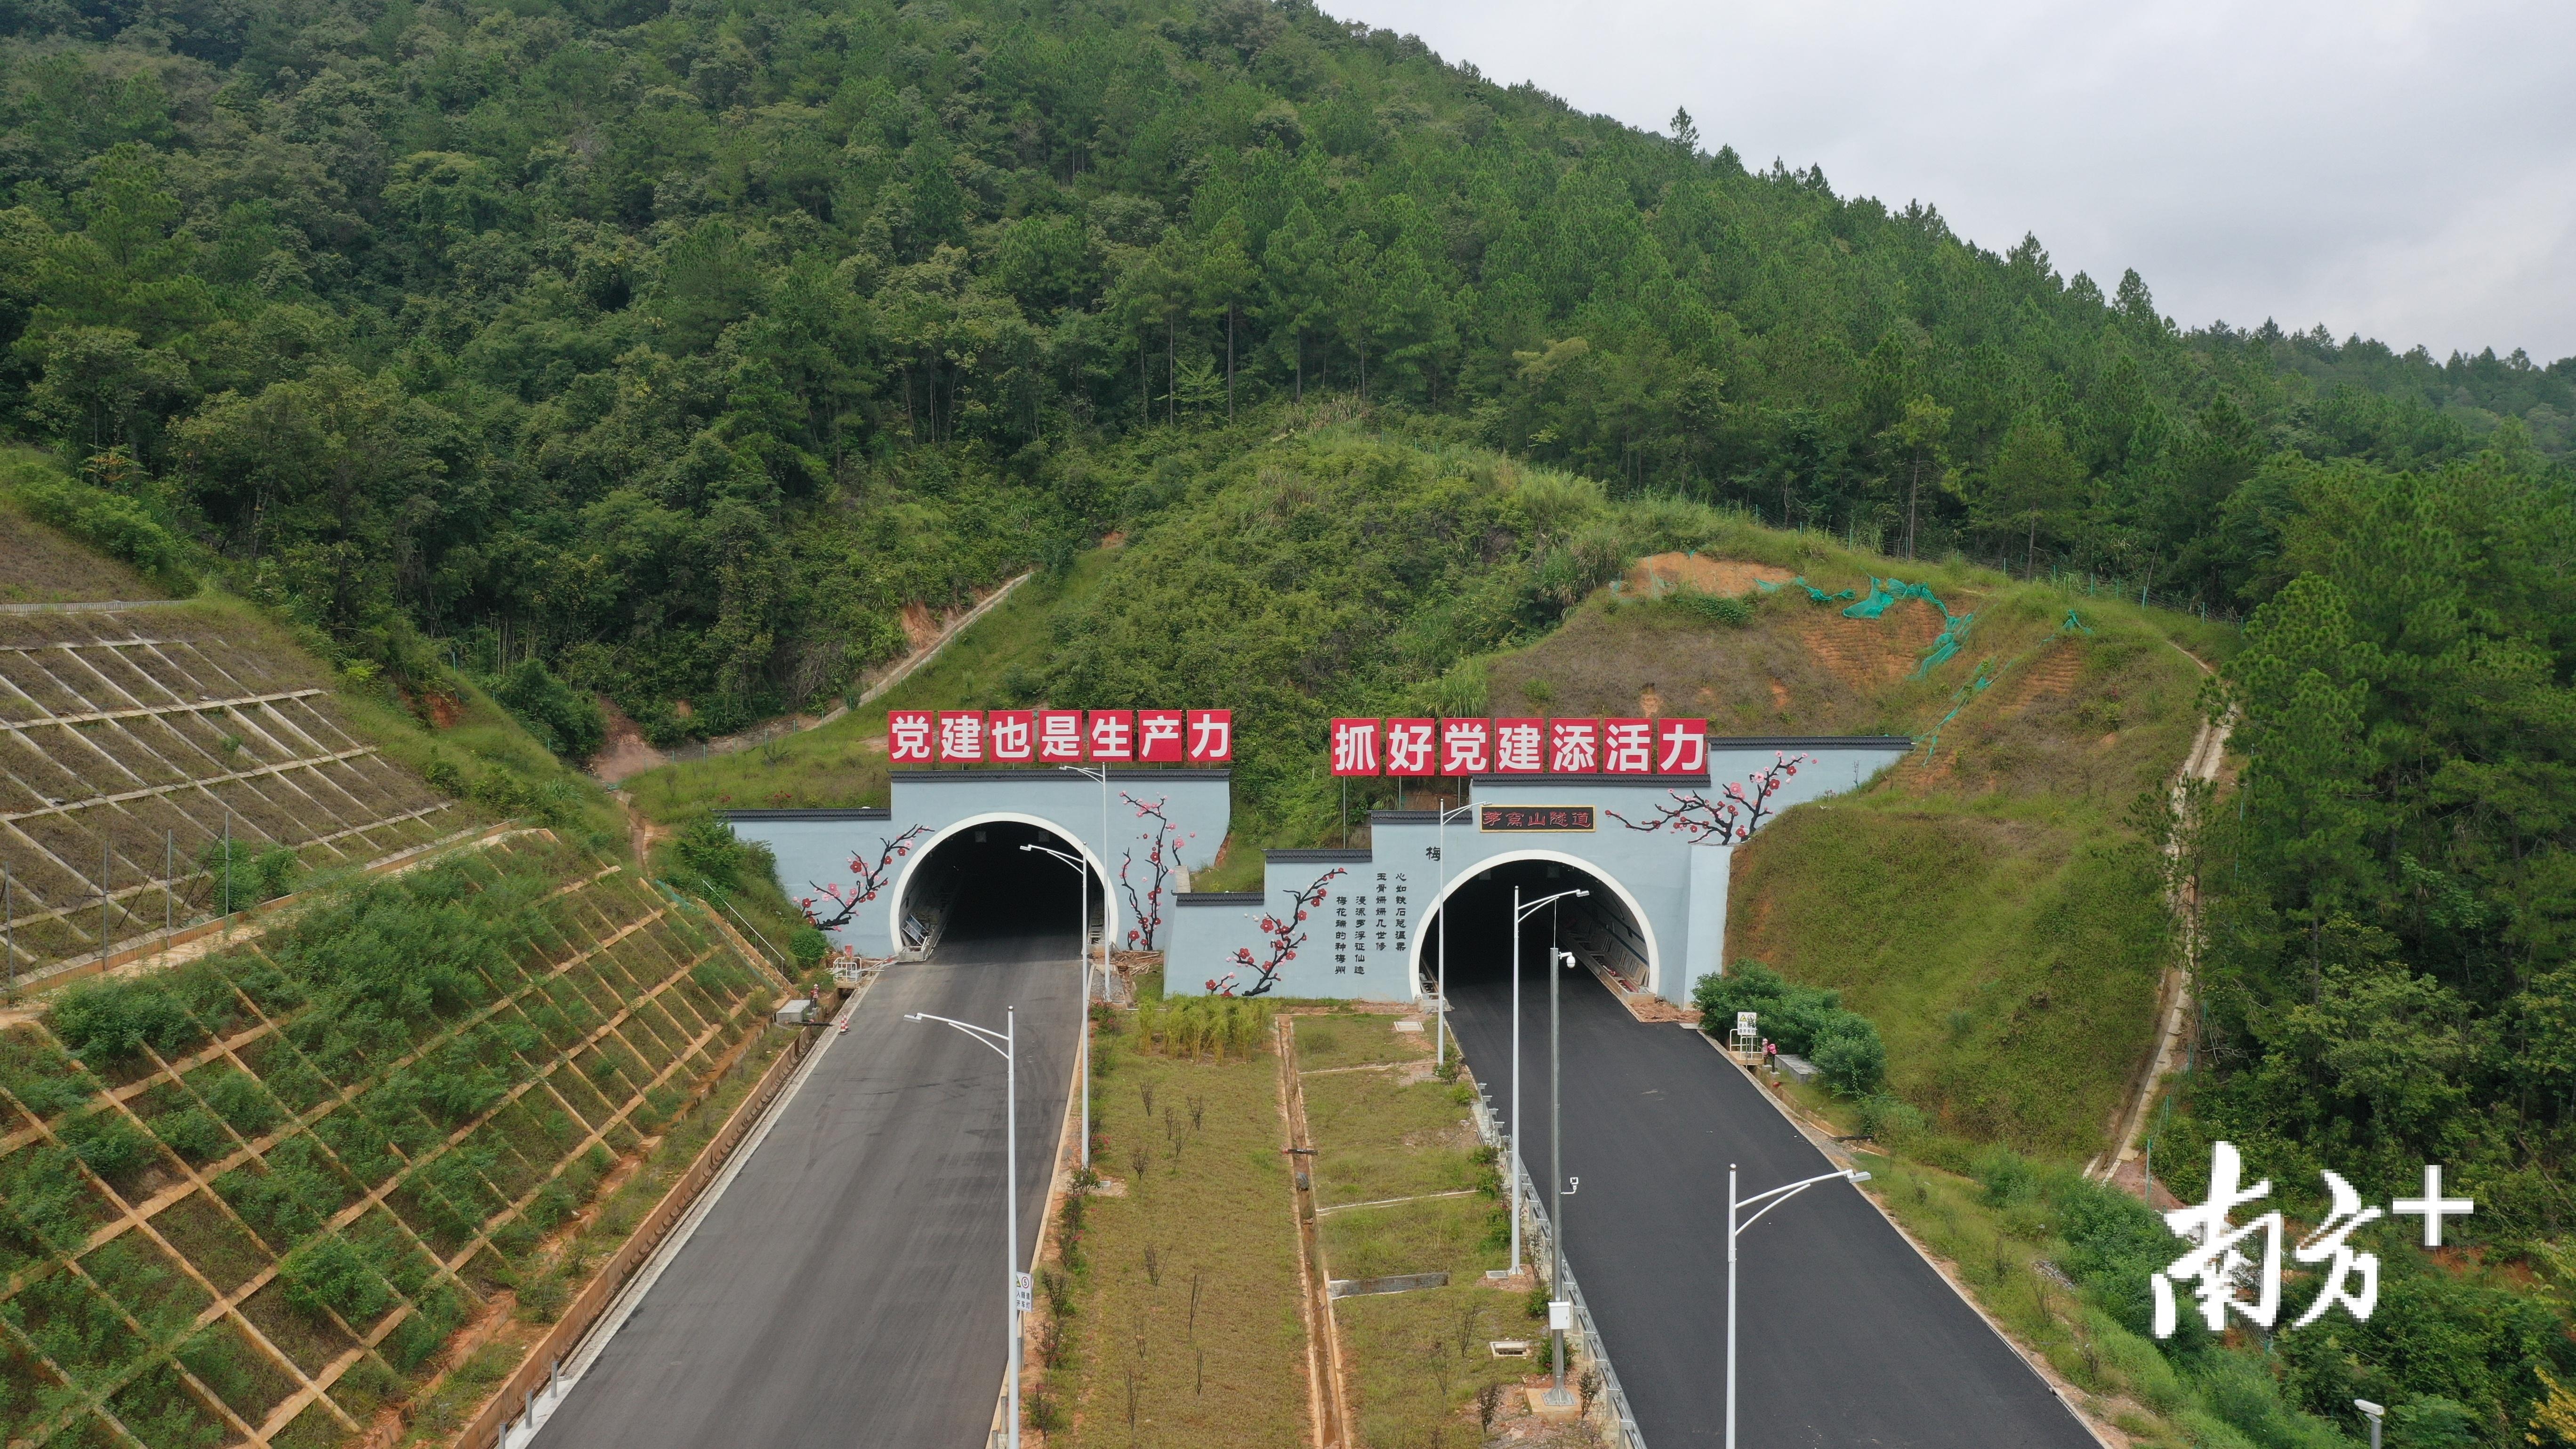 东线高速于11月4日完工验收。(梅州东线高速供图)